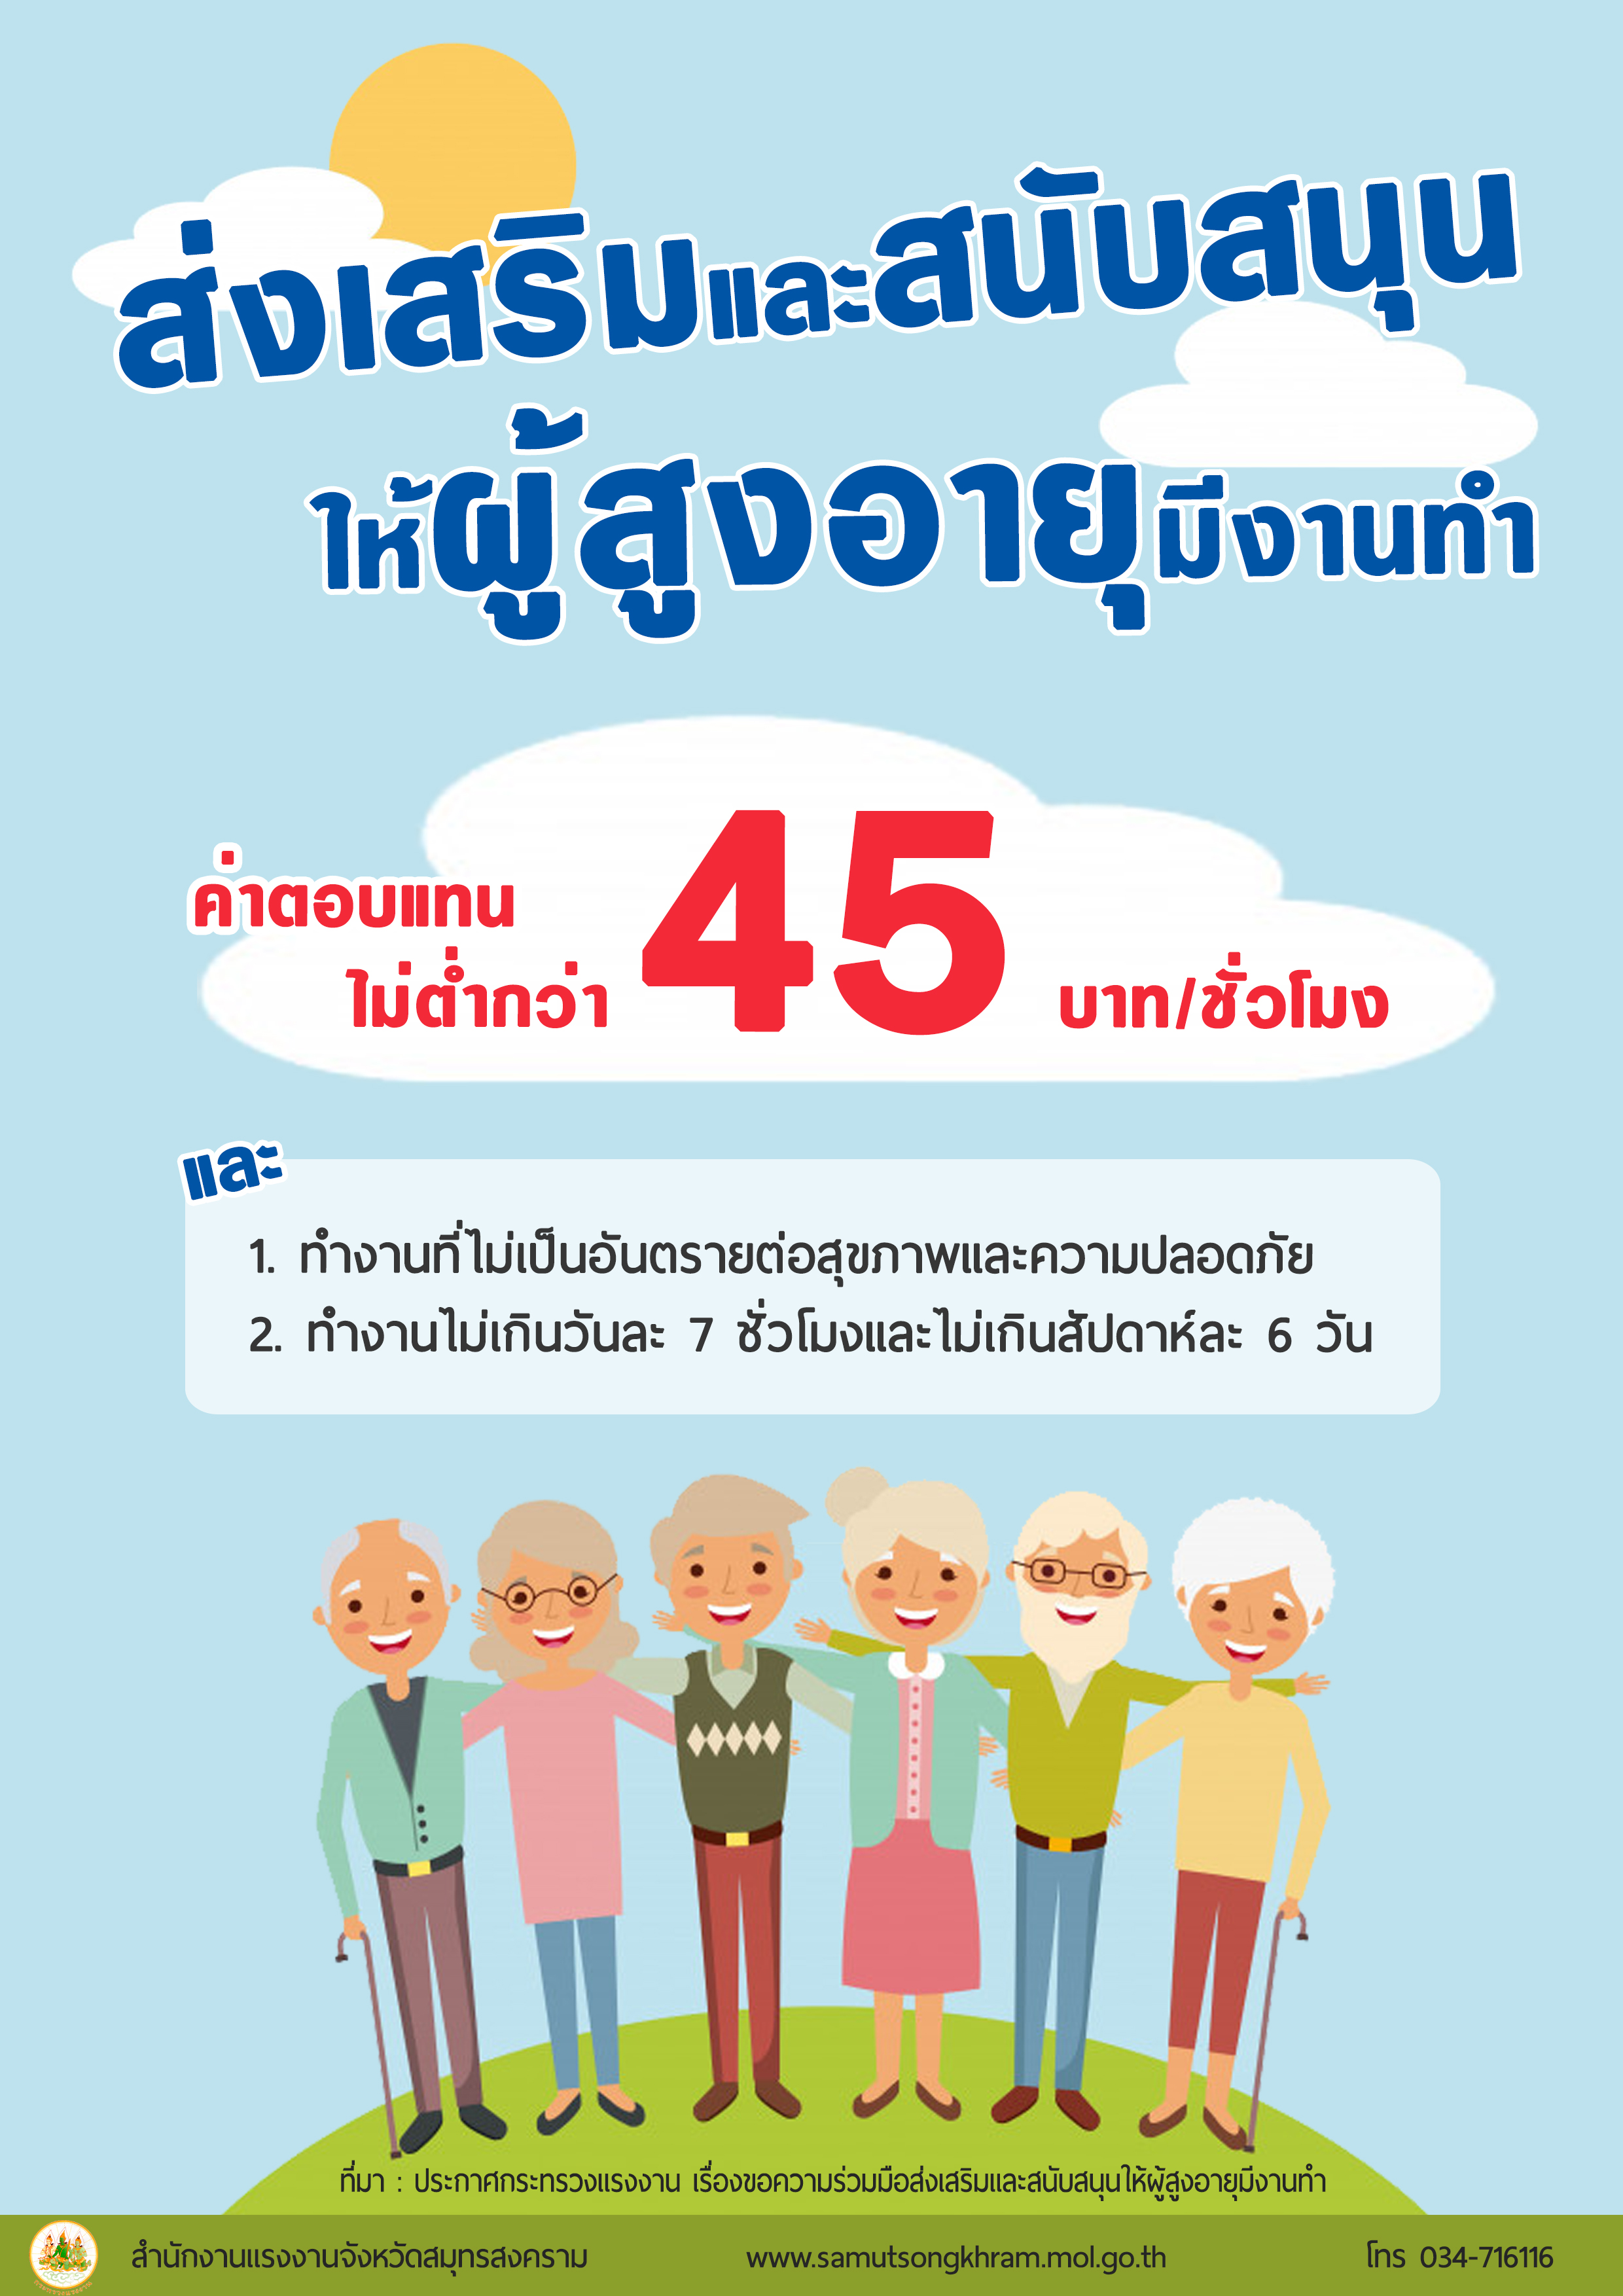 ค่าจ้างผู้สูงอายุ